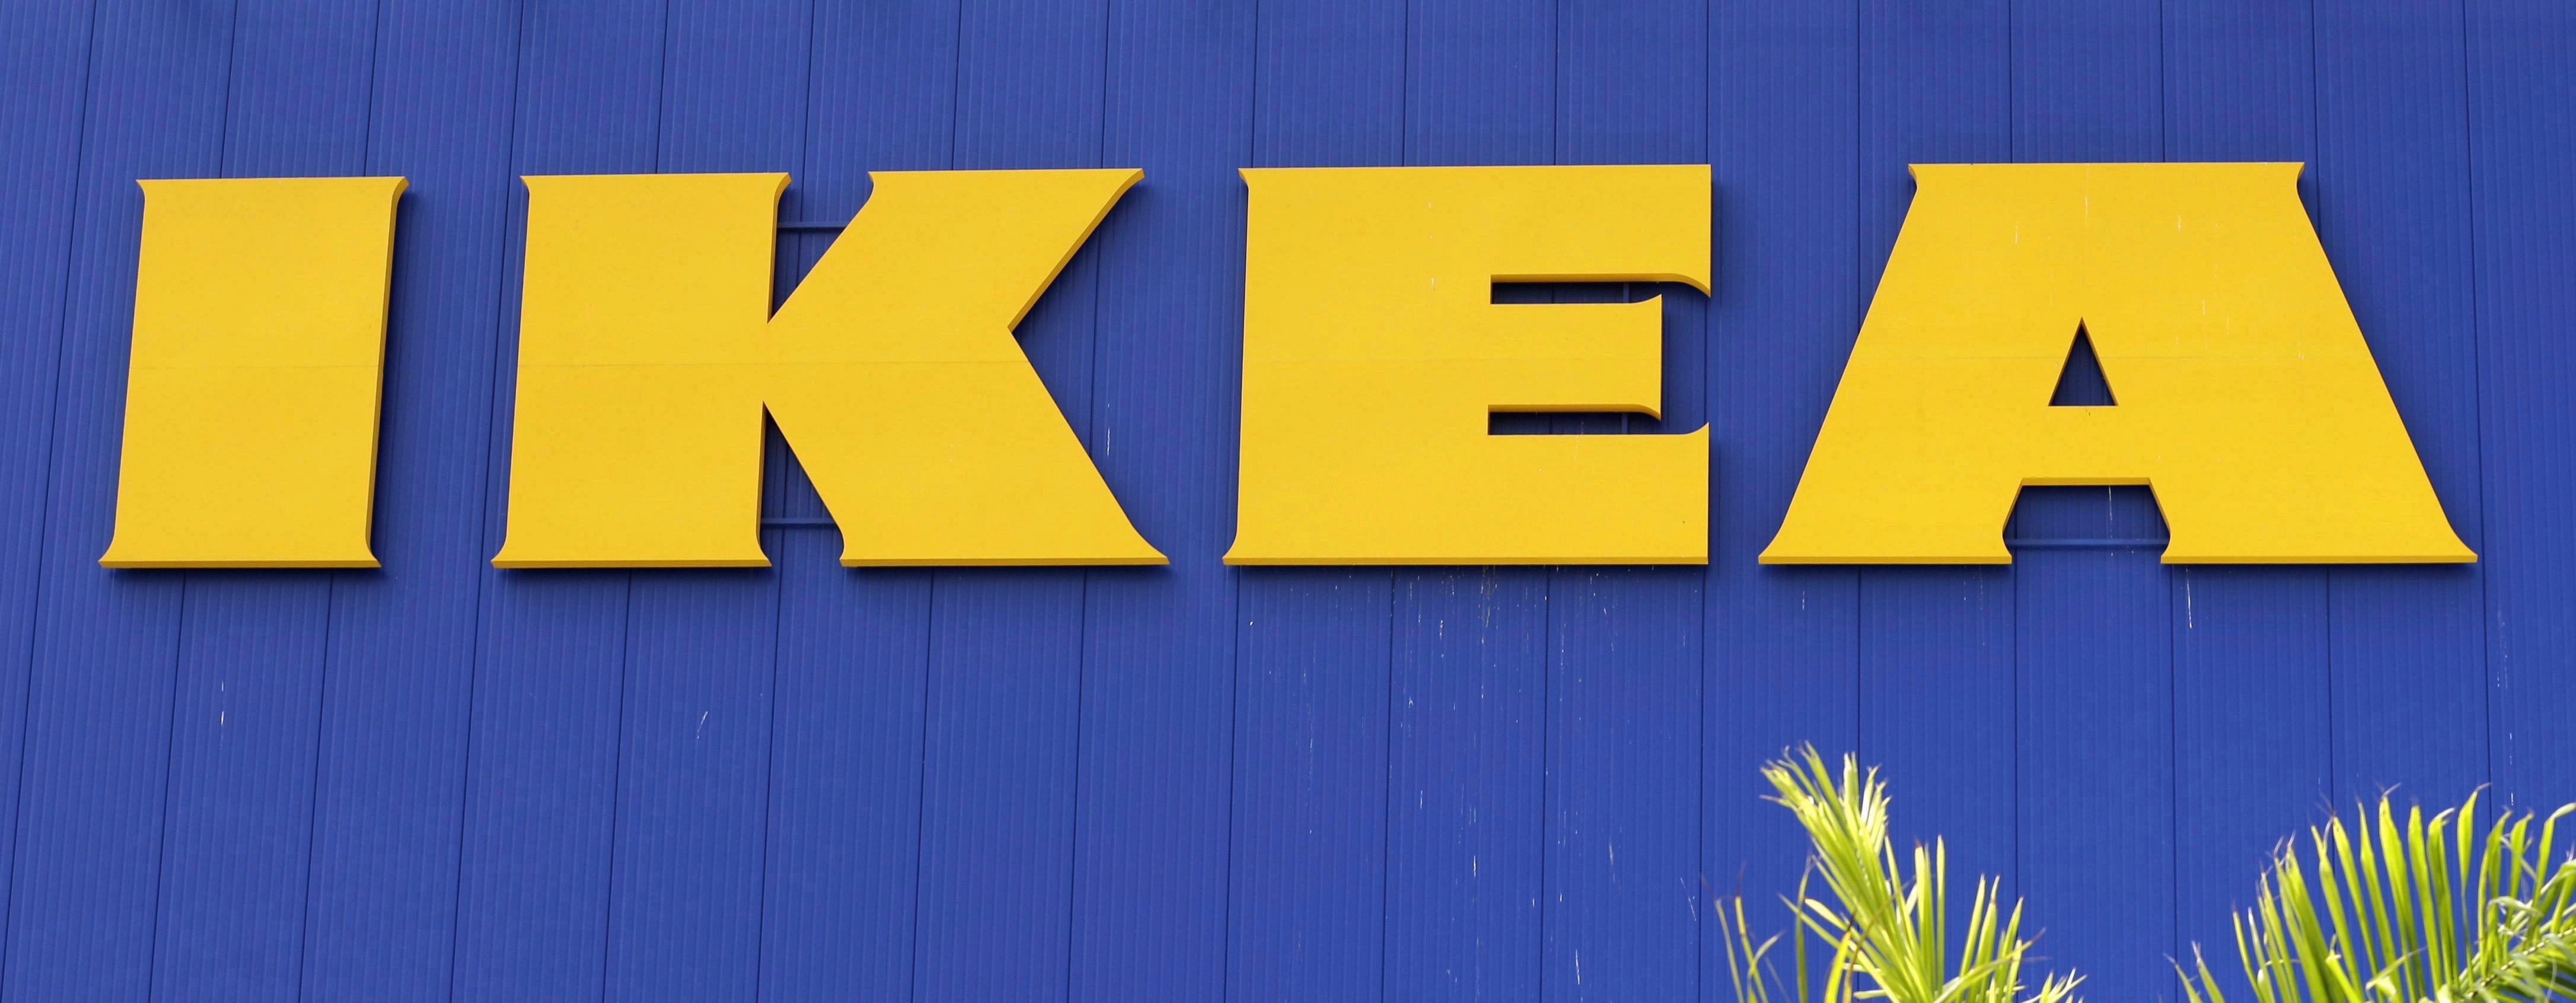 Cara Mendesain Kamar Mandi Modern Dari IKEA